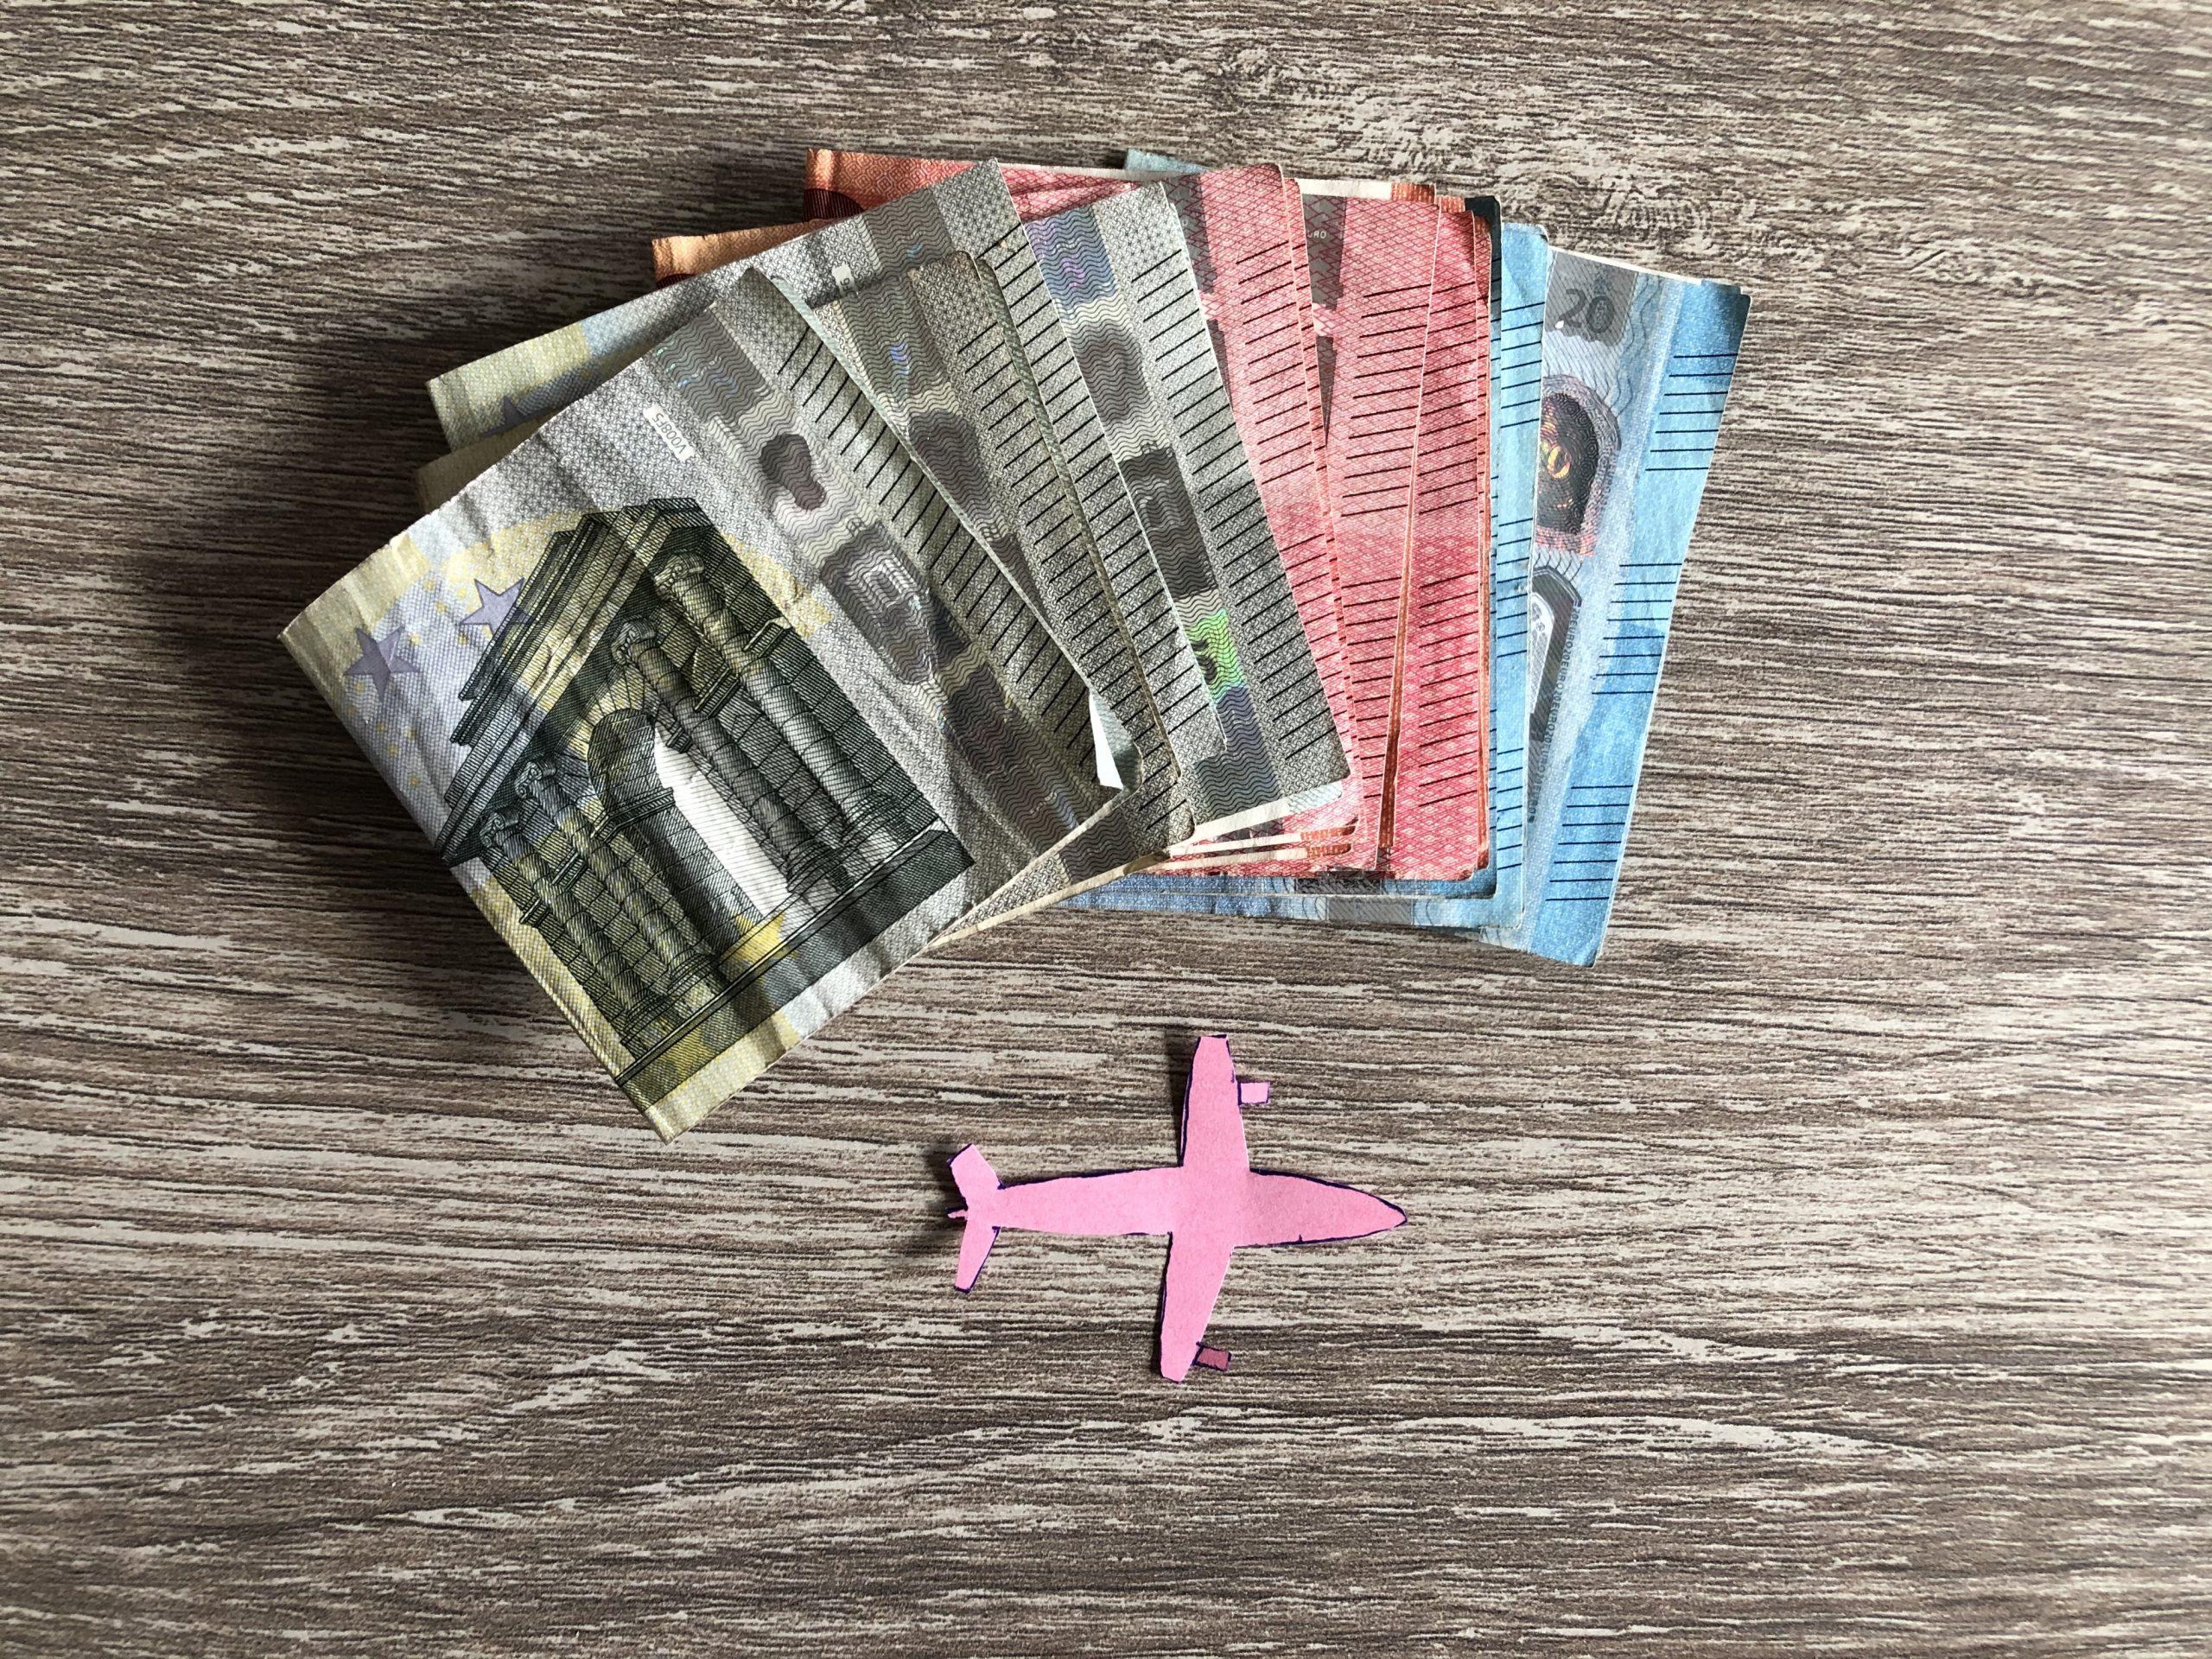 Hoeveel geld heb ik meegenomen op vakantie?